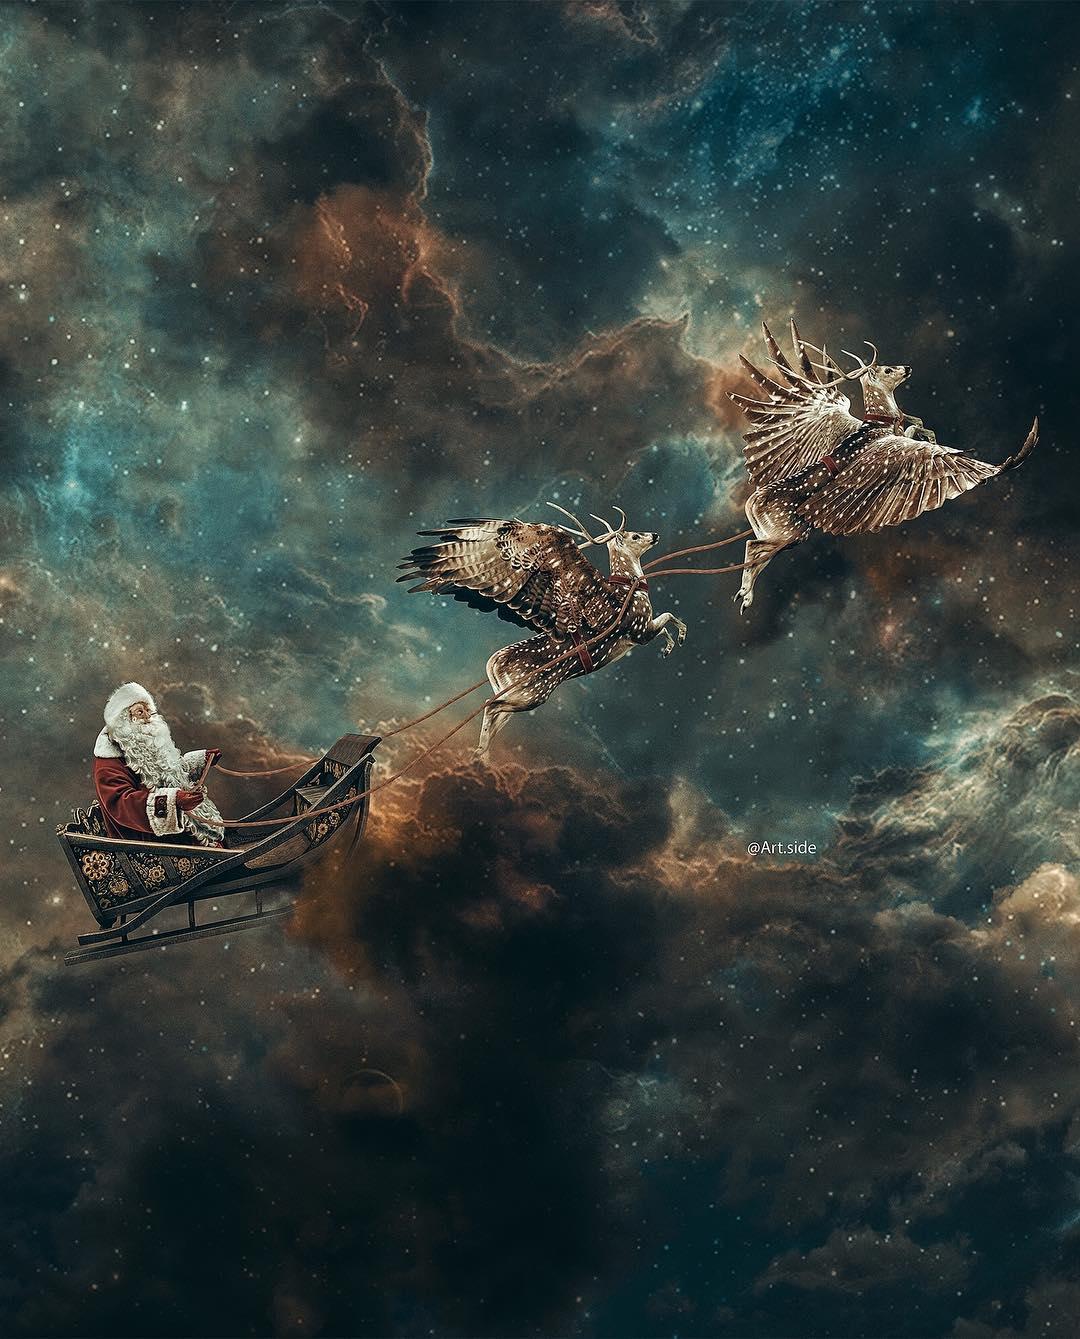 Впечатляющие фотоманипуляции от Хусейна Шахина